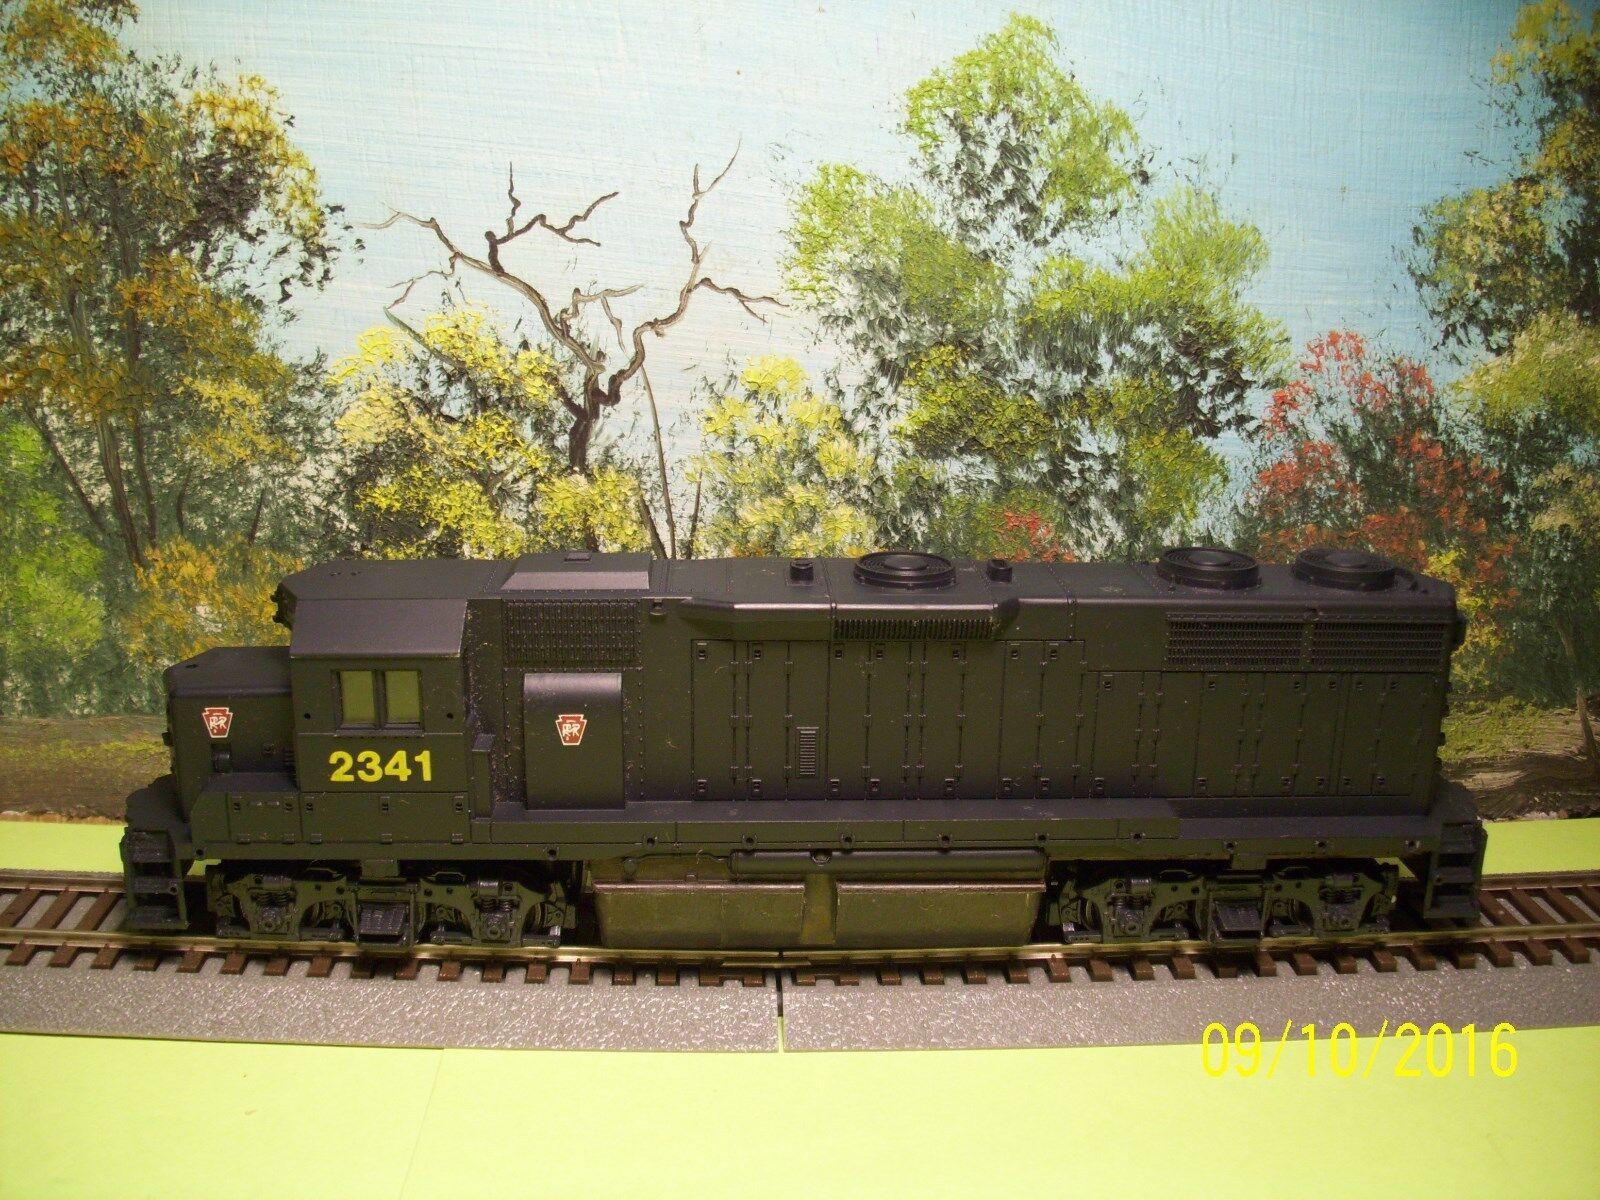 tienda hace compras y ventas Con-Cor  0015-2013 HO Scale Scale Scale EMD GP-38 Pennsylvania Railroad  2341   compra en línea hoy